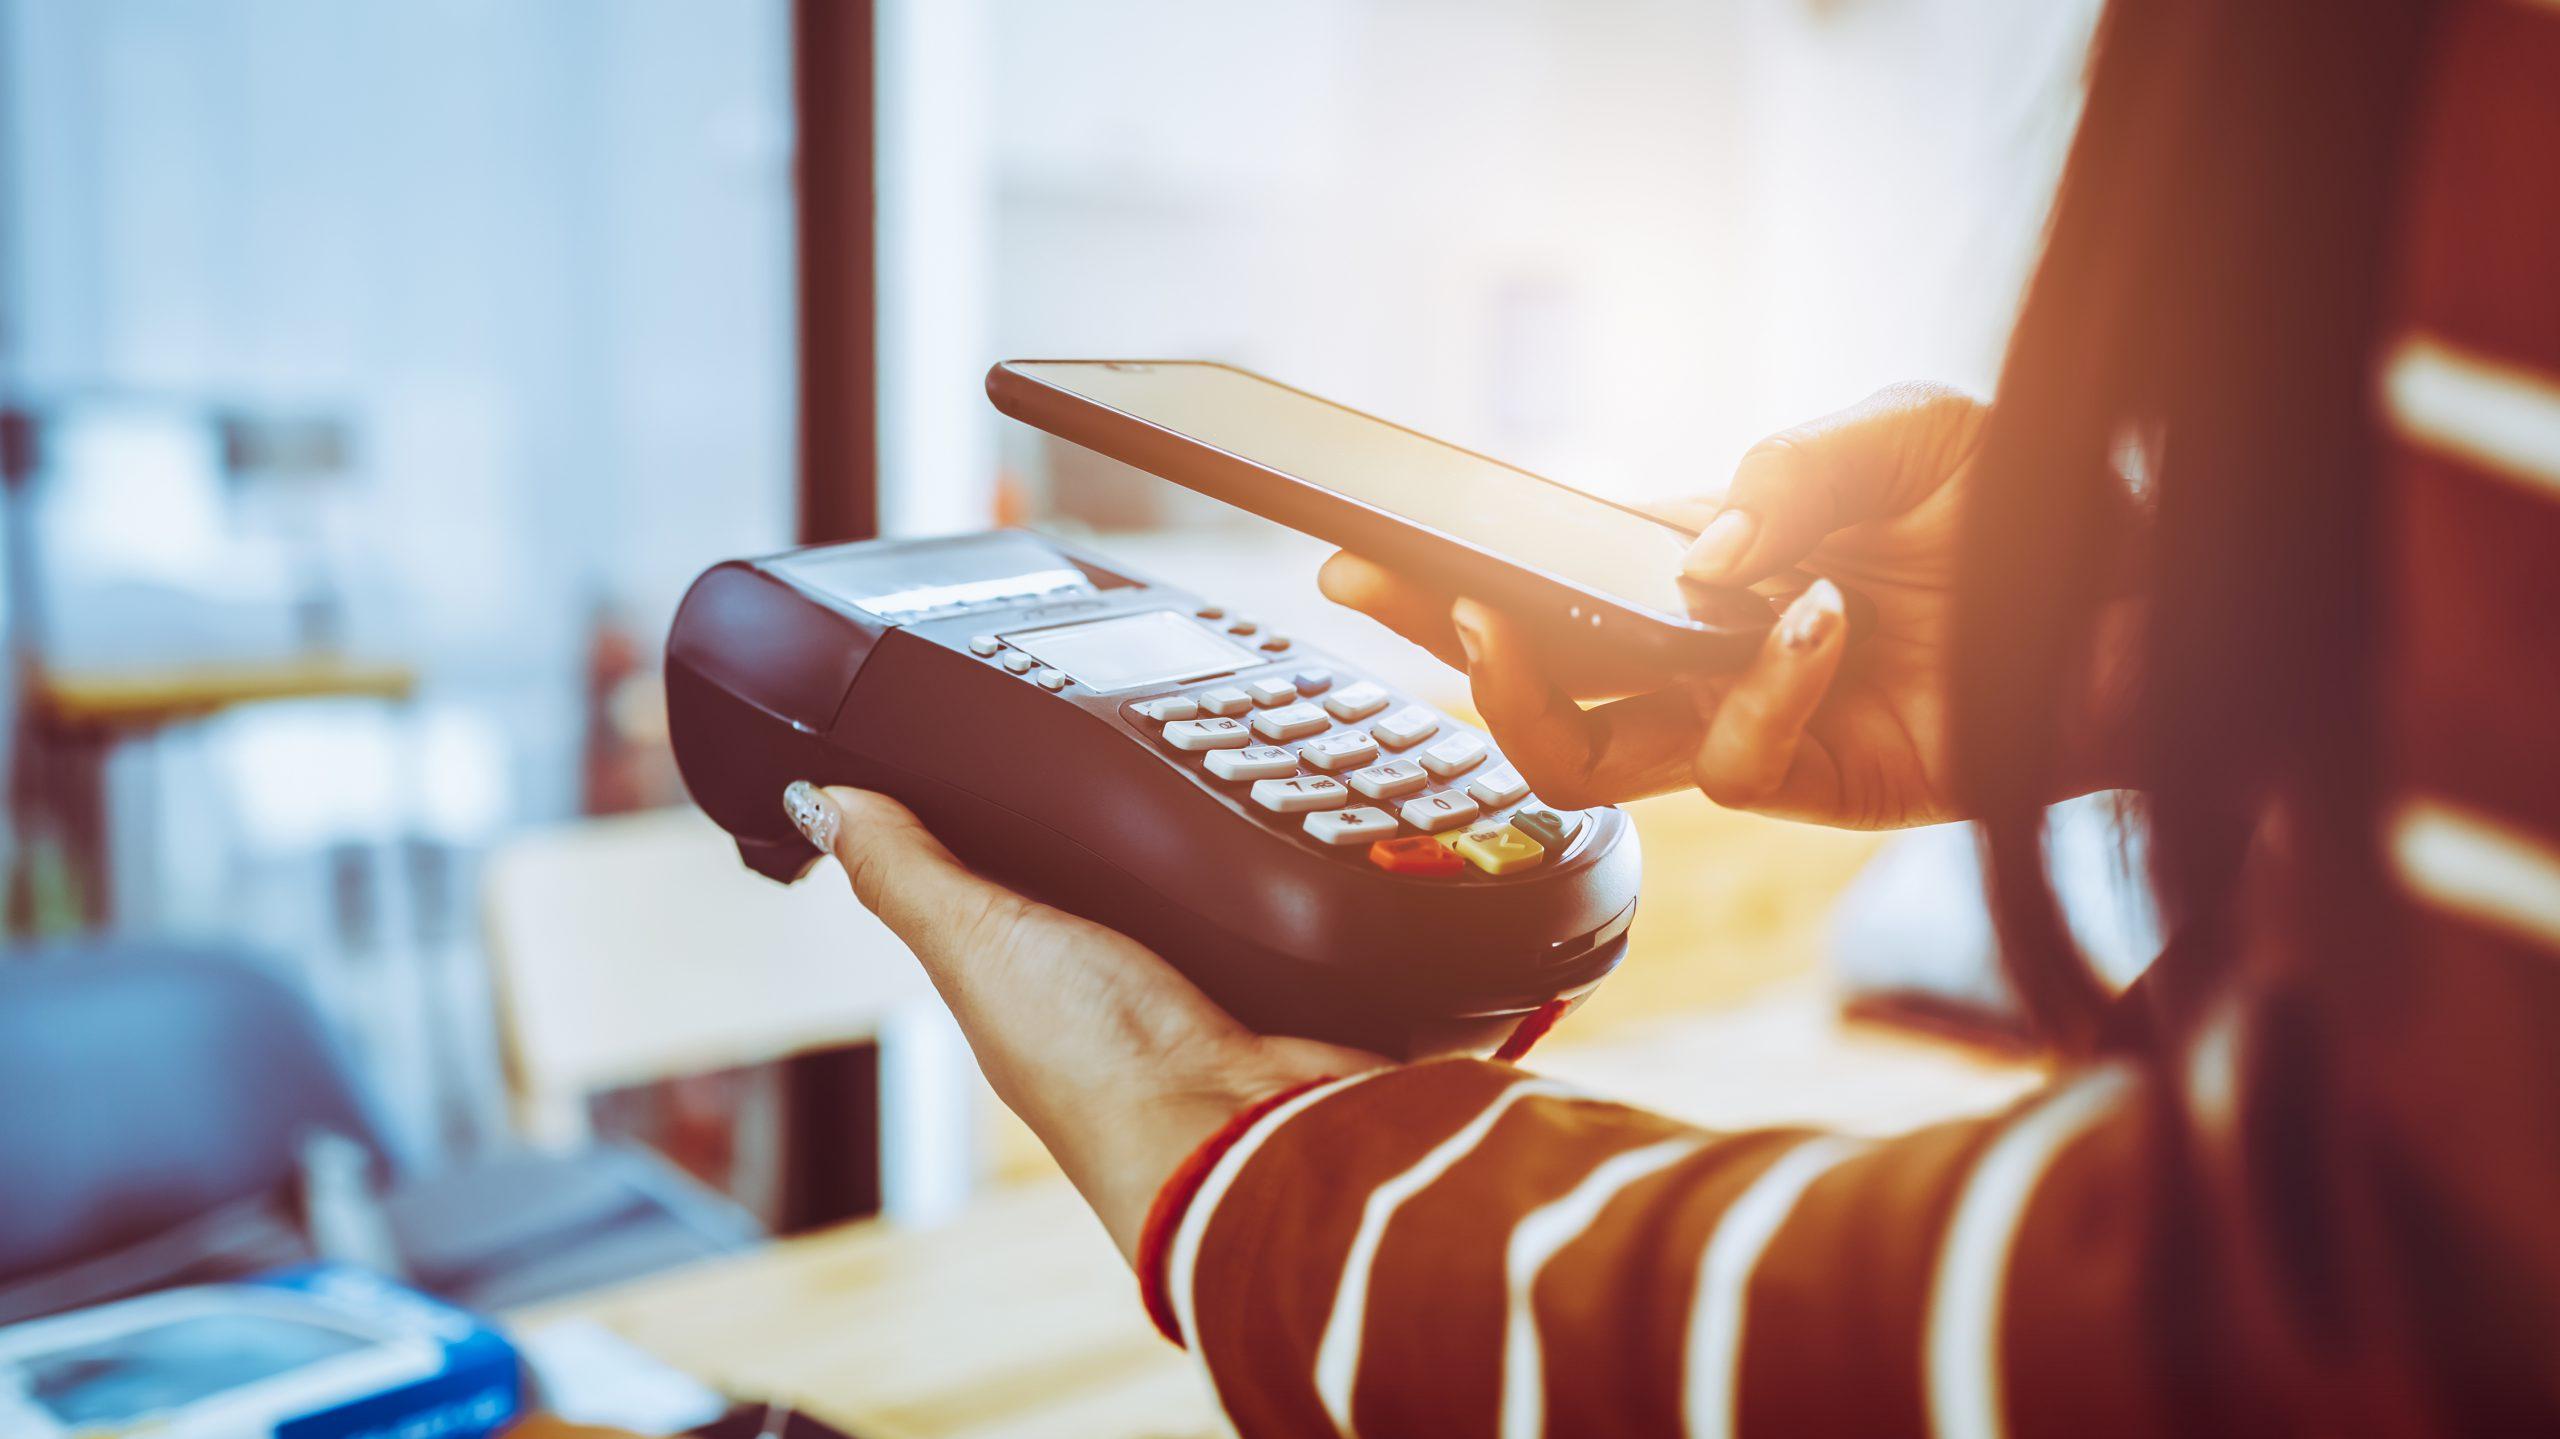 na obrazku osoba dokonująca płatności zbliżeniowej za pomocą telefonu